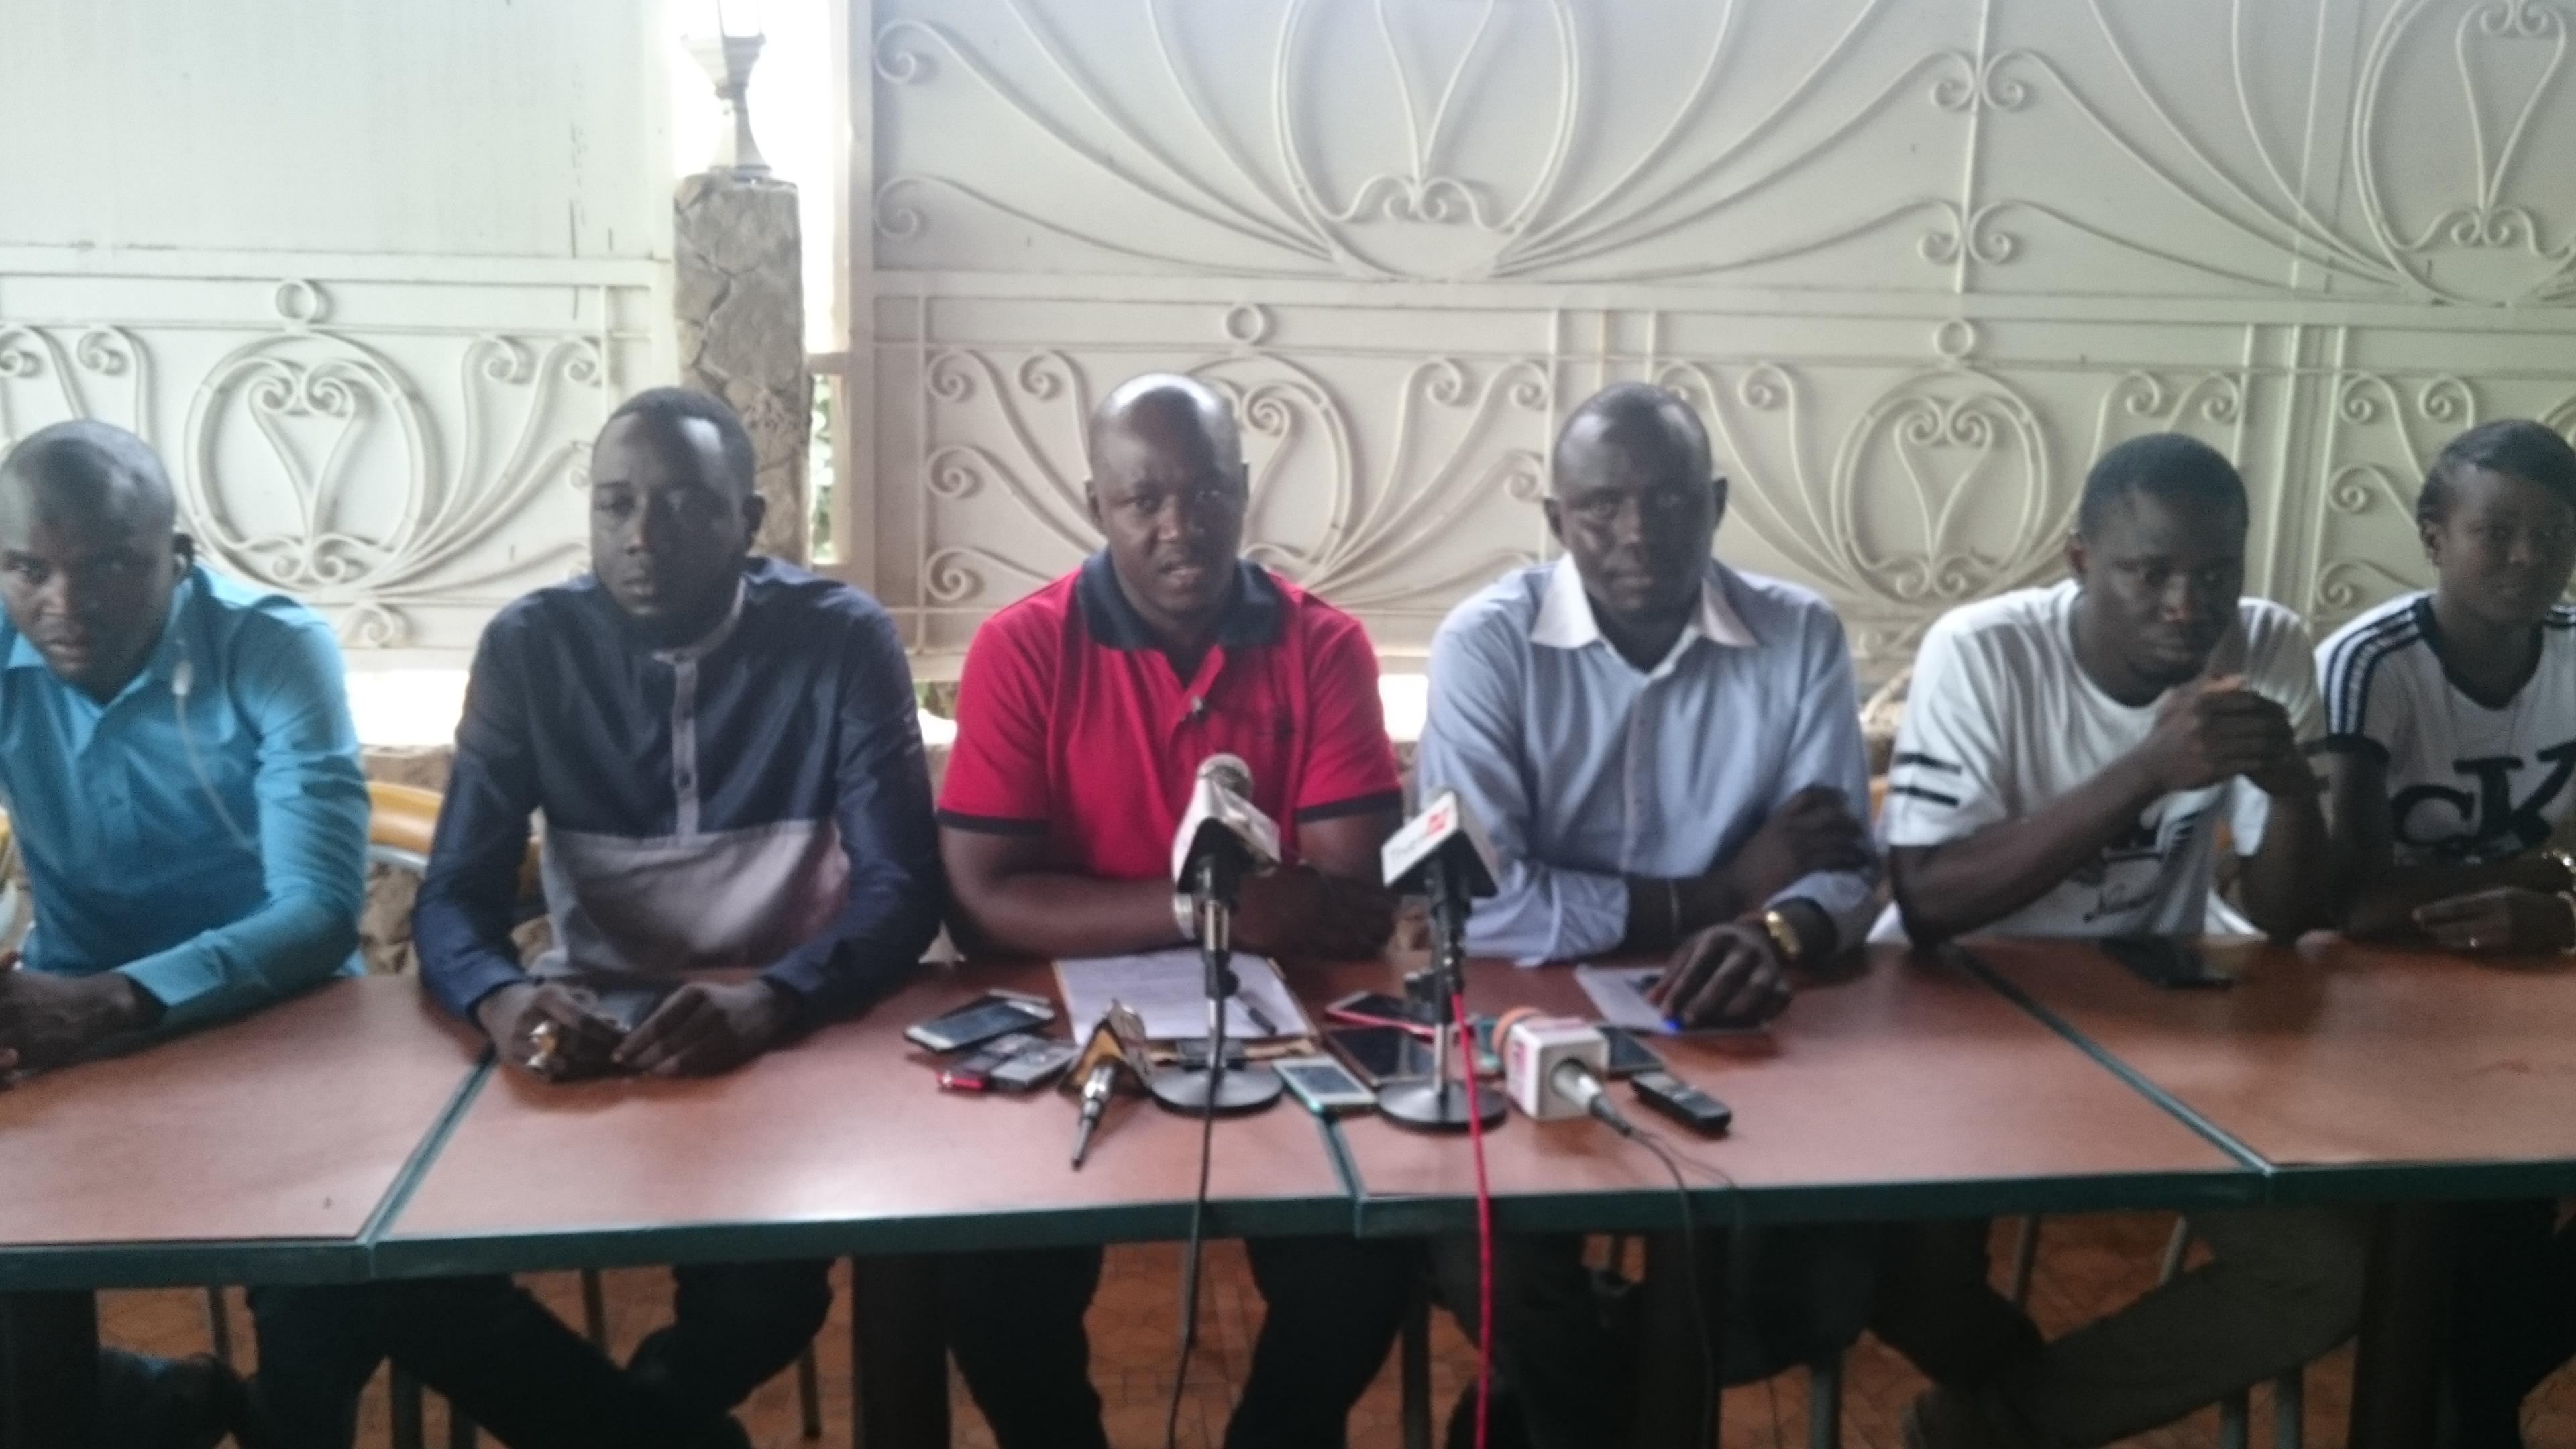 Conseil National de la Jeunesse (CNJ) : Les dissidents se réunissent à Thiès, lancent une pétition et menacent de boycotter les vacances citoyennes